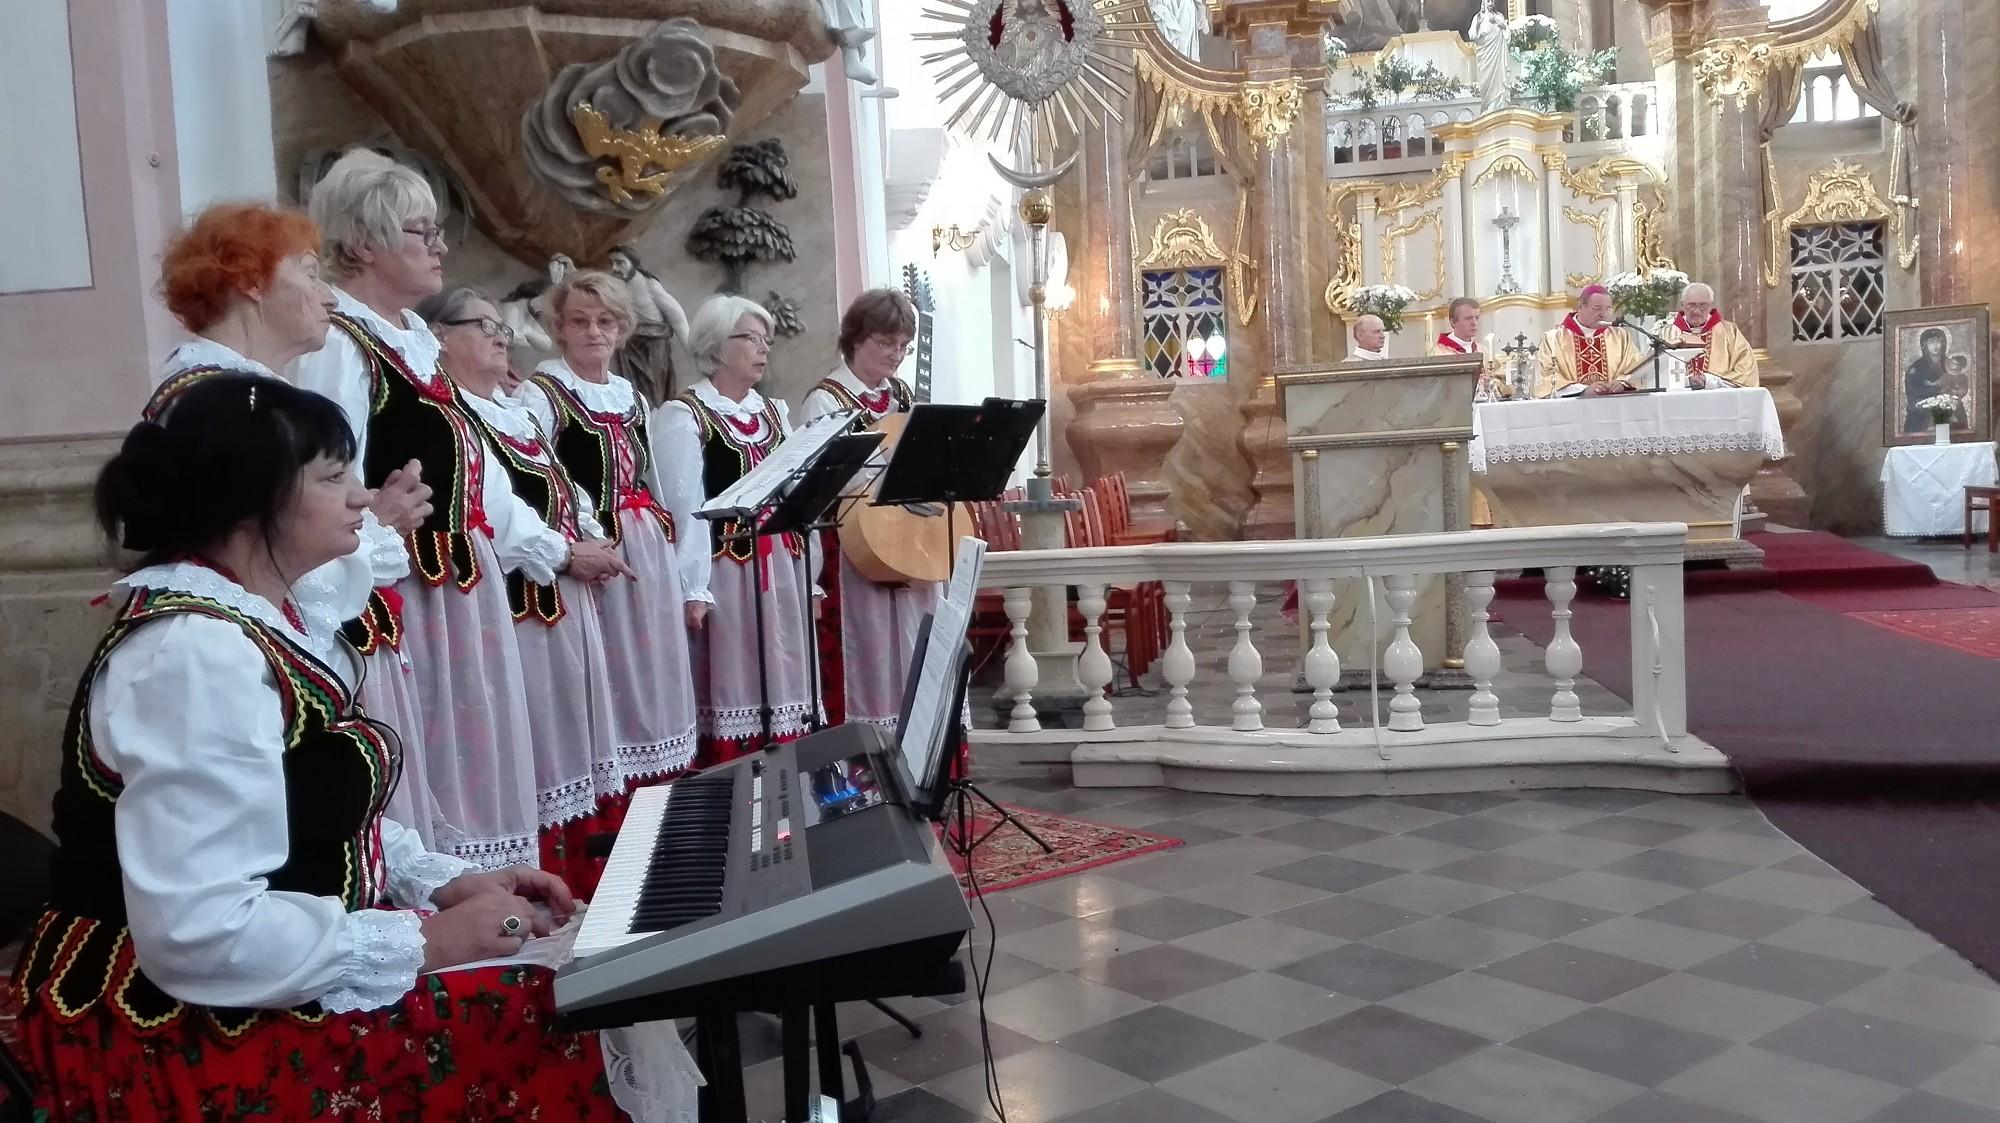 Iespēja ieklausīties Polijas mūzikas skaņās